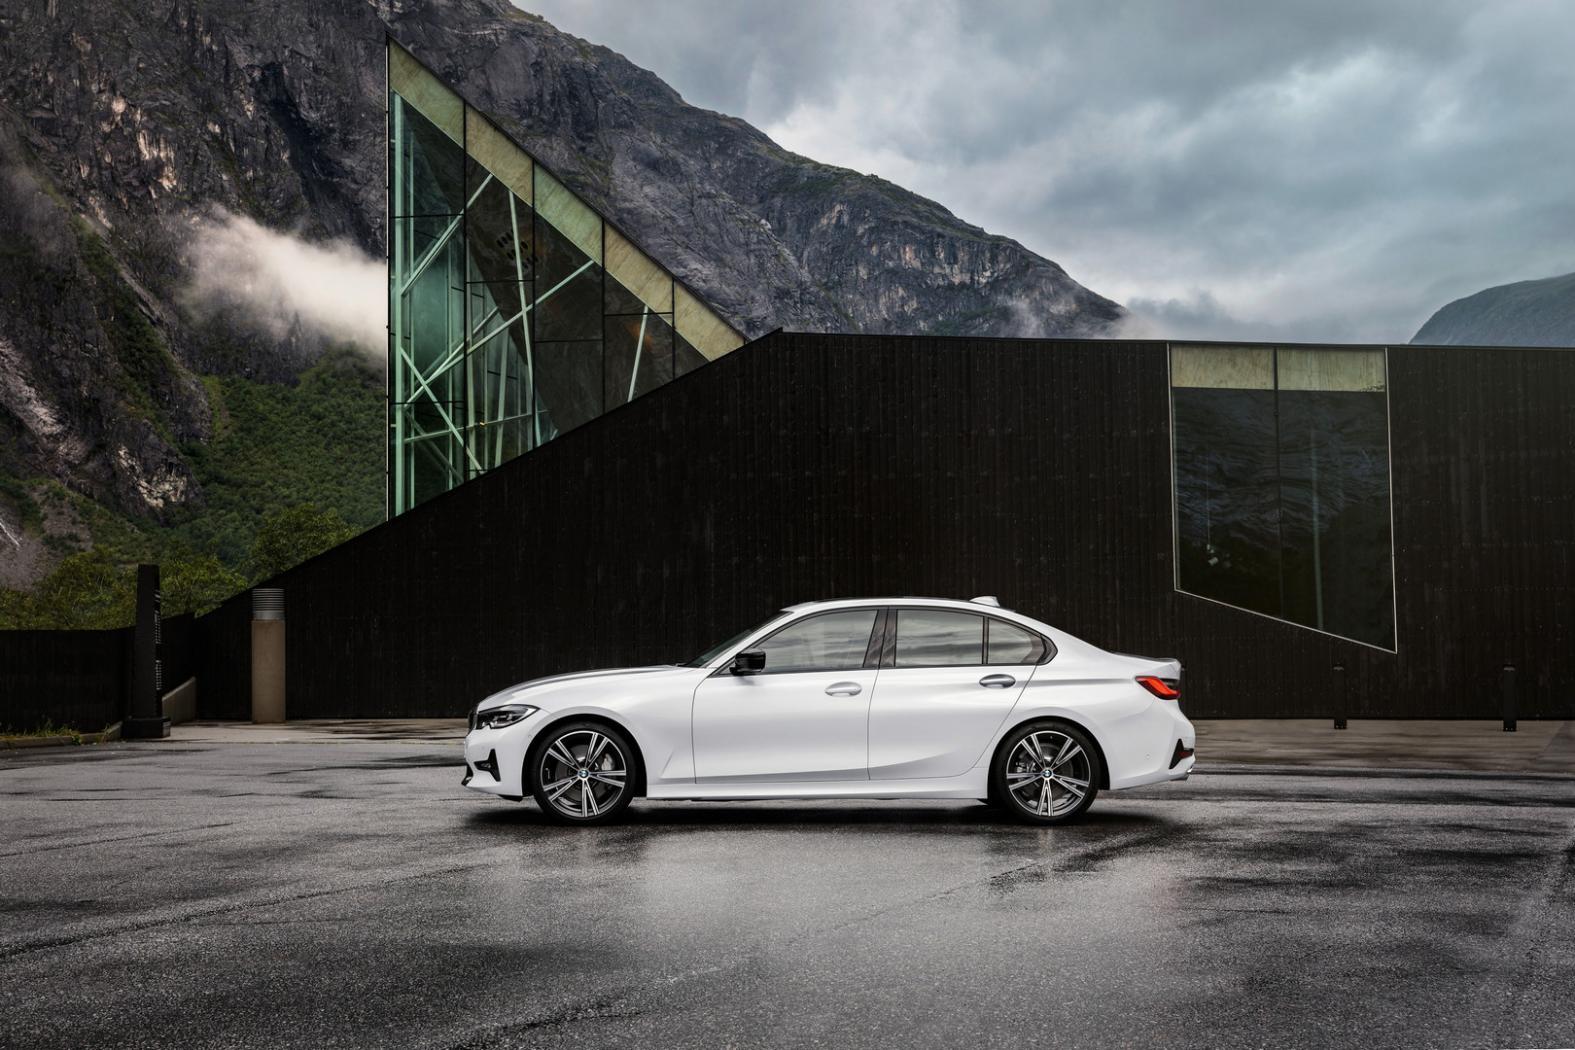 BMW-Serie-3-G20-une-nouvelle-generation-plus-sportive-et-mieux-equipee-3.jpeg